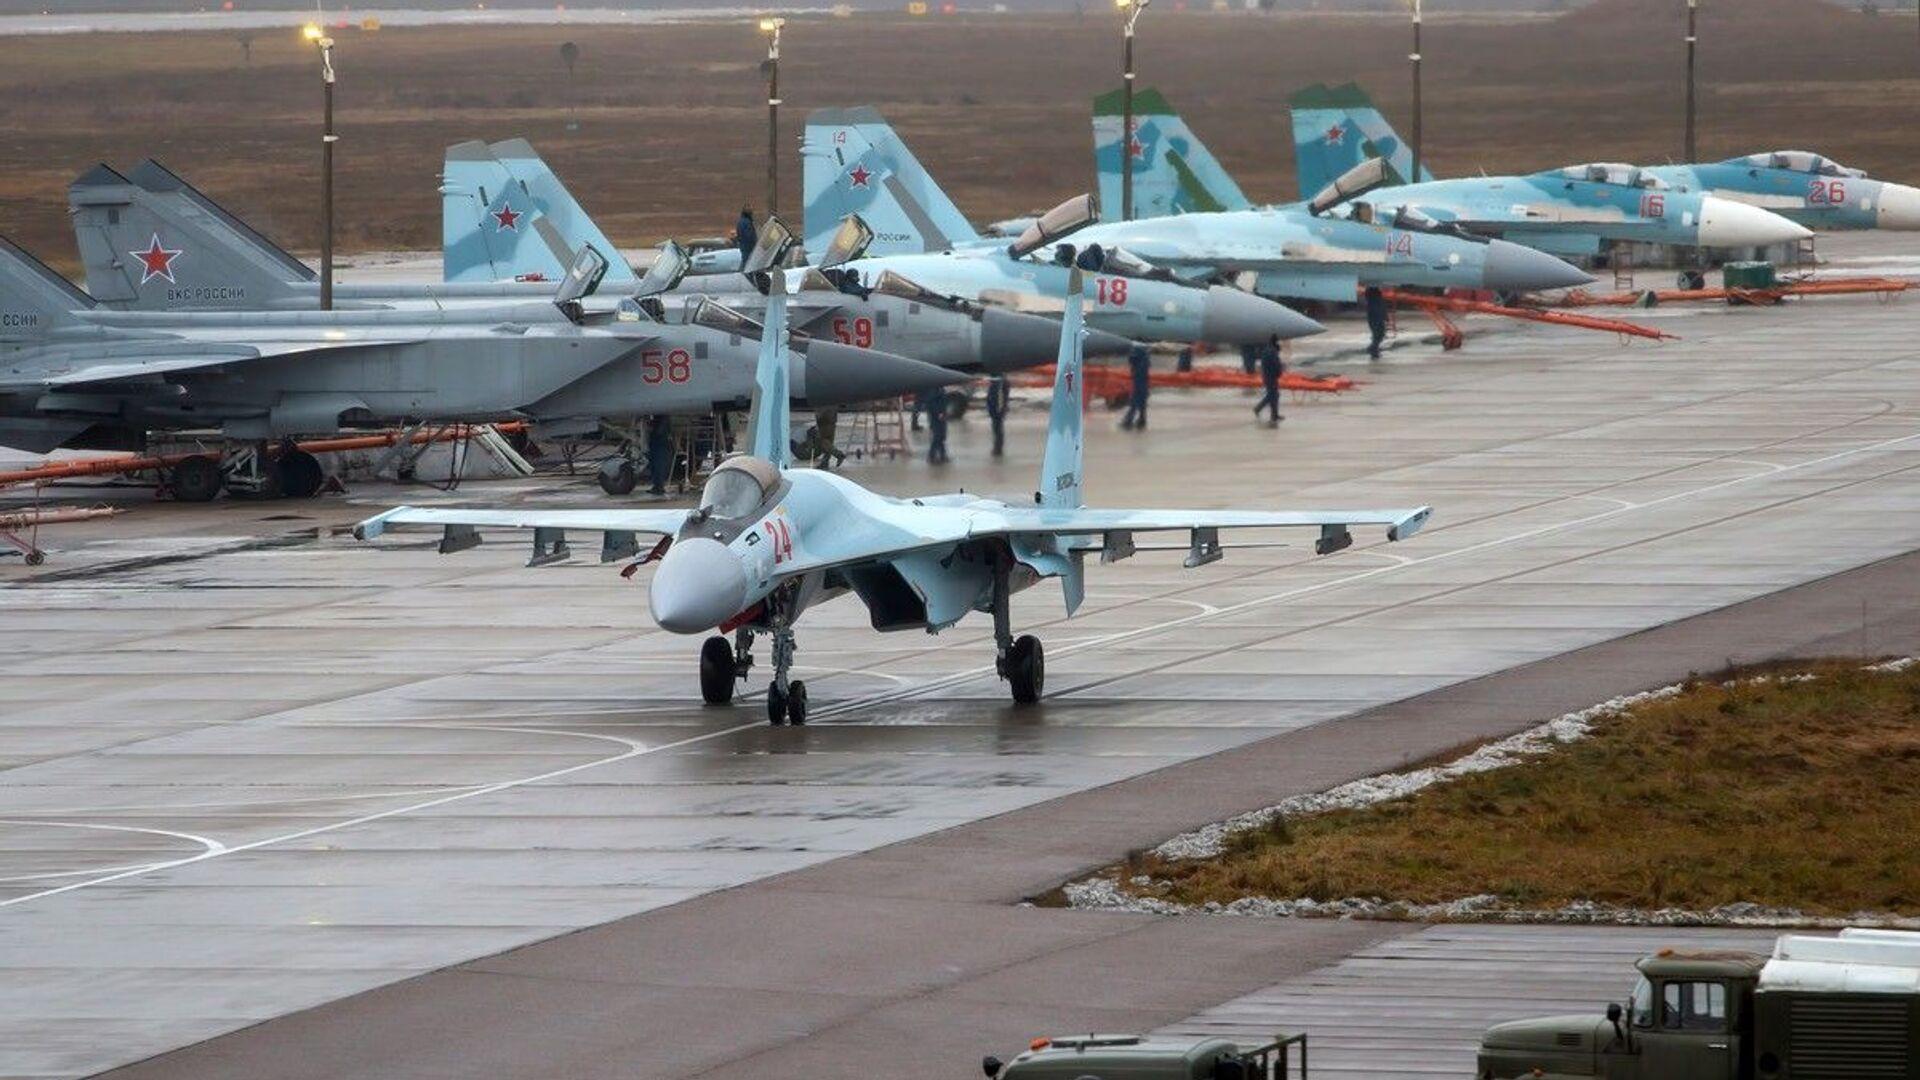 Letouny MiG-31 a Su-35 během cvičných letů v ruské Tverské oblasti - Sputnik Česká republika, 1920, 23.04.2021